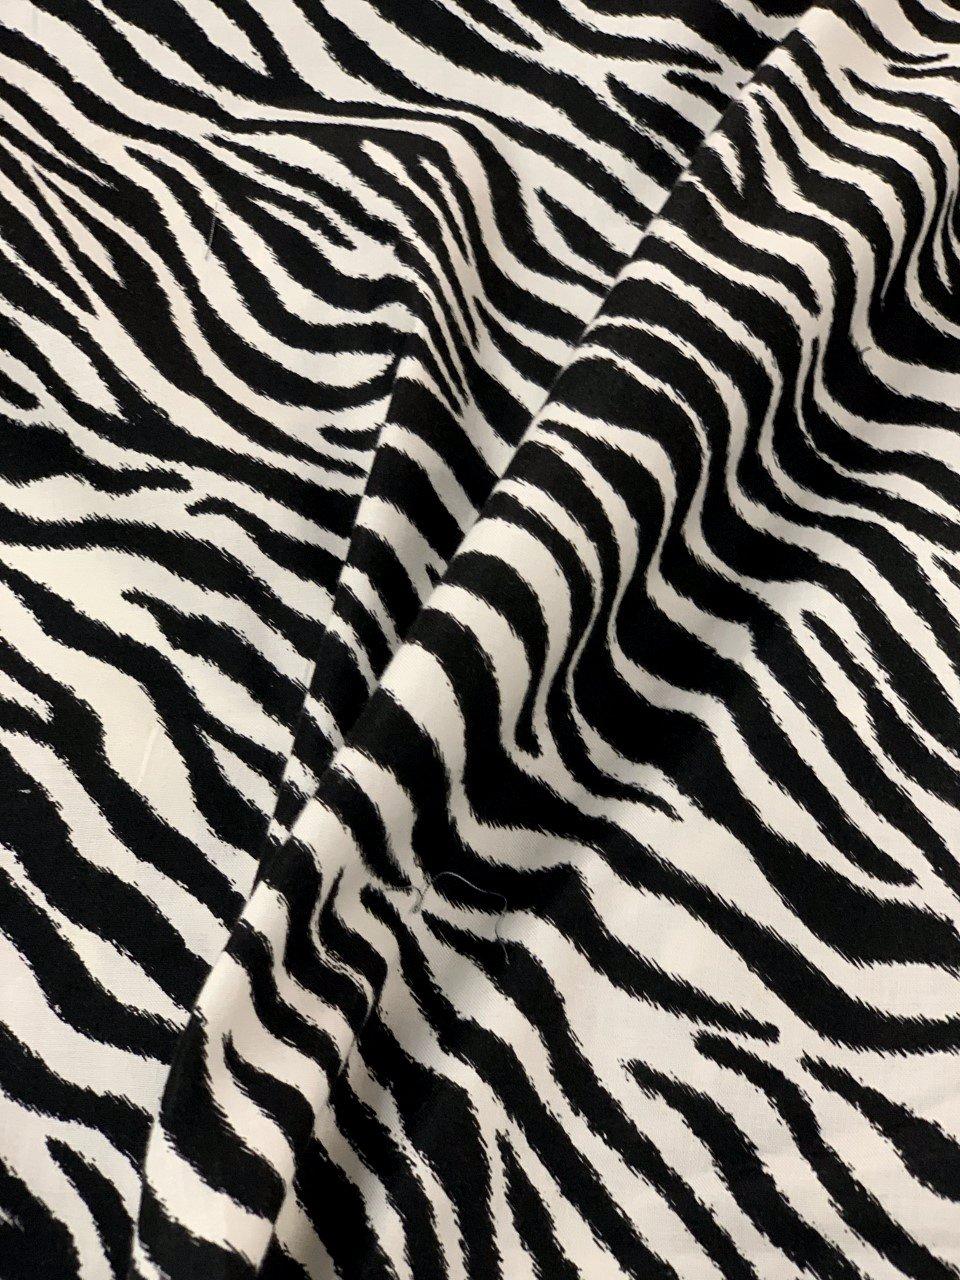 Go Wild, Black Zebra By Windham Fabrics